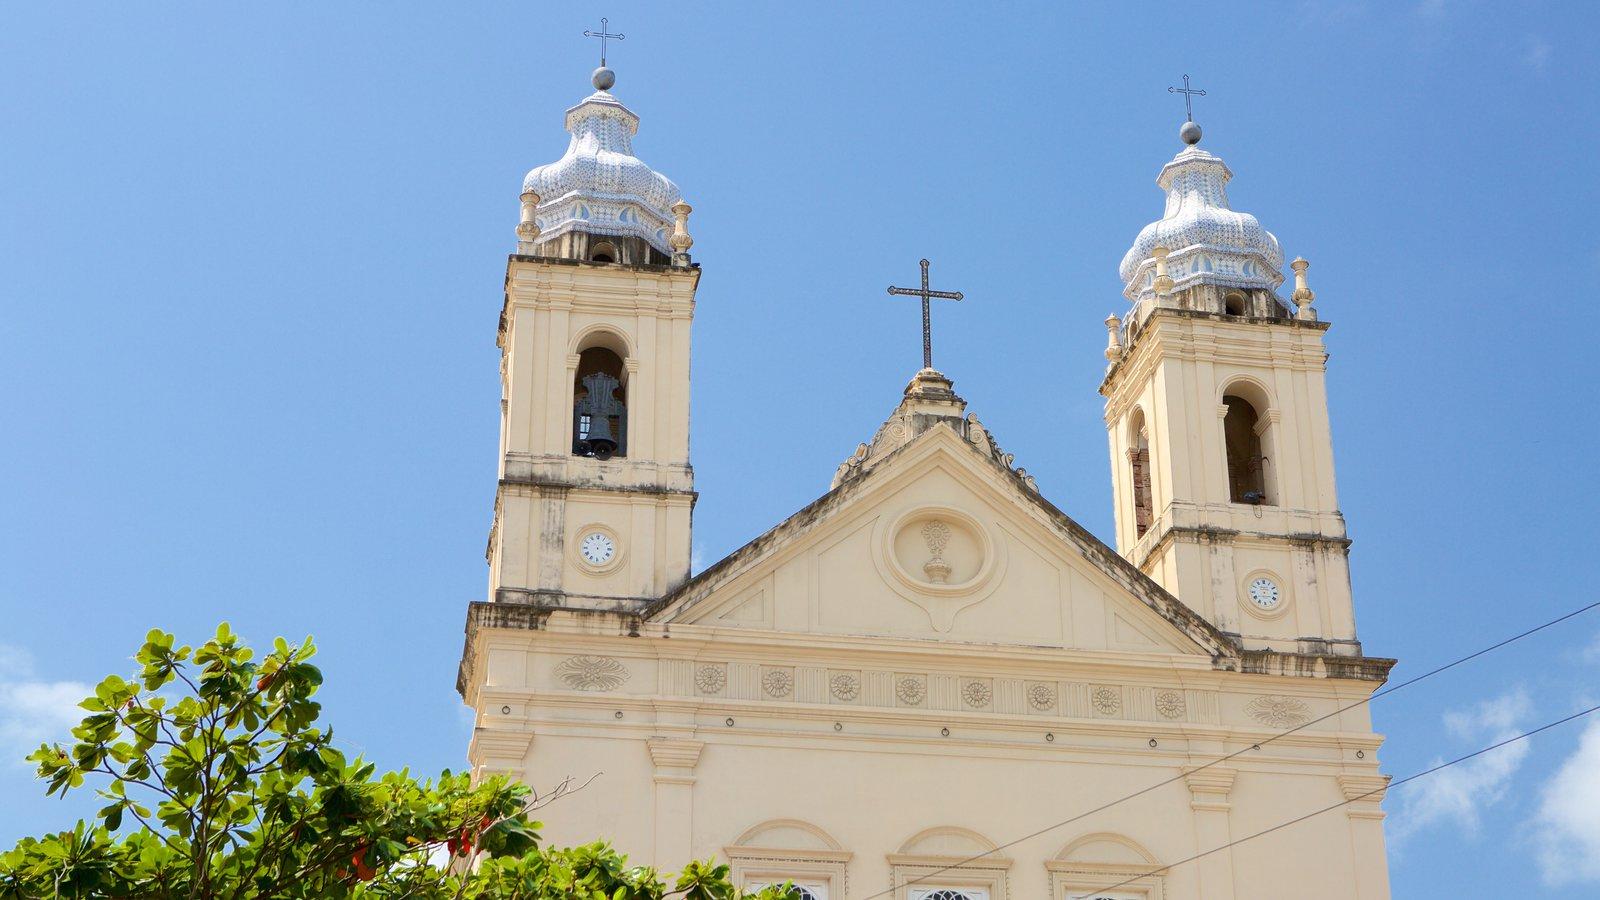 Catedral Metropolitana de Maceió mostrando elementos de patrimônio, elementos religiosos e uma igreja ou catedral